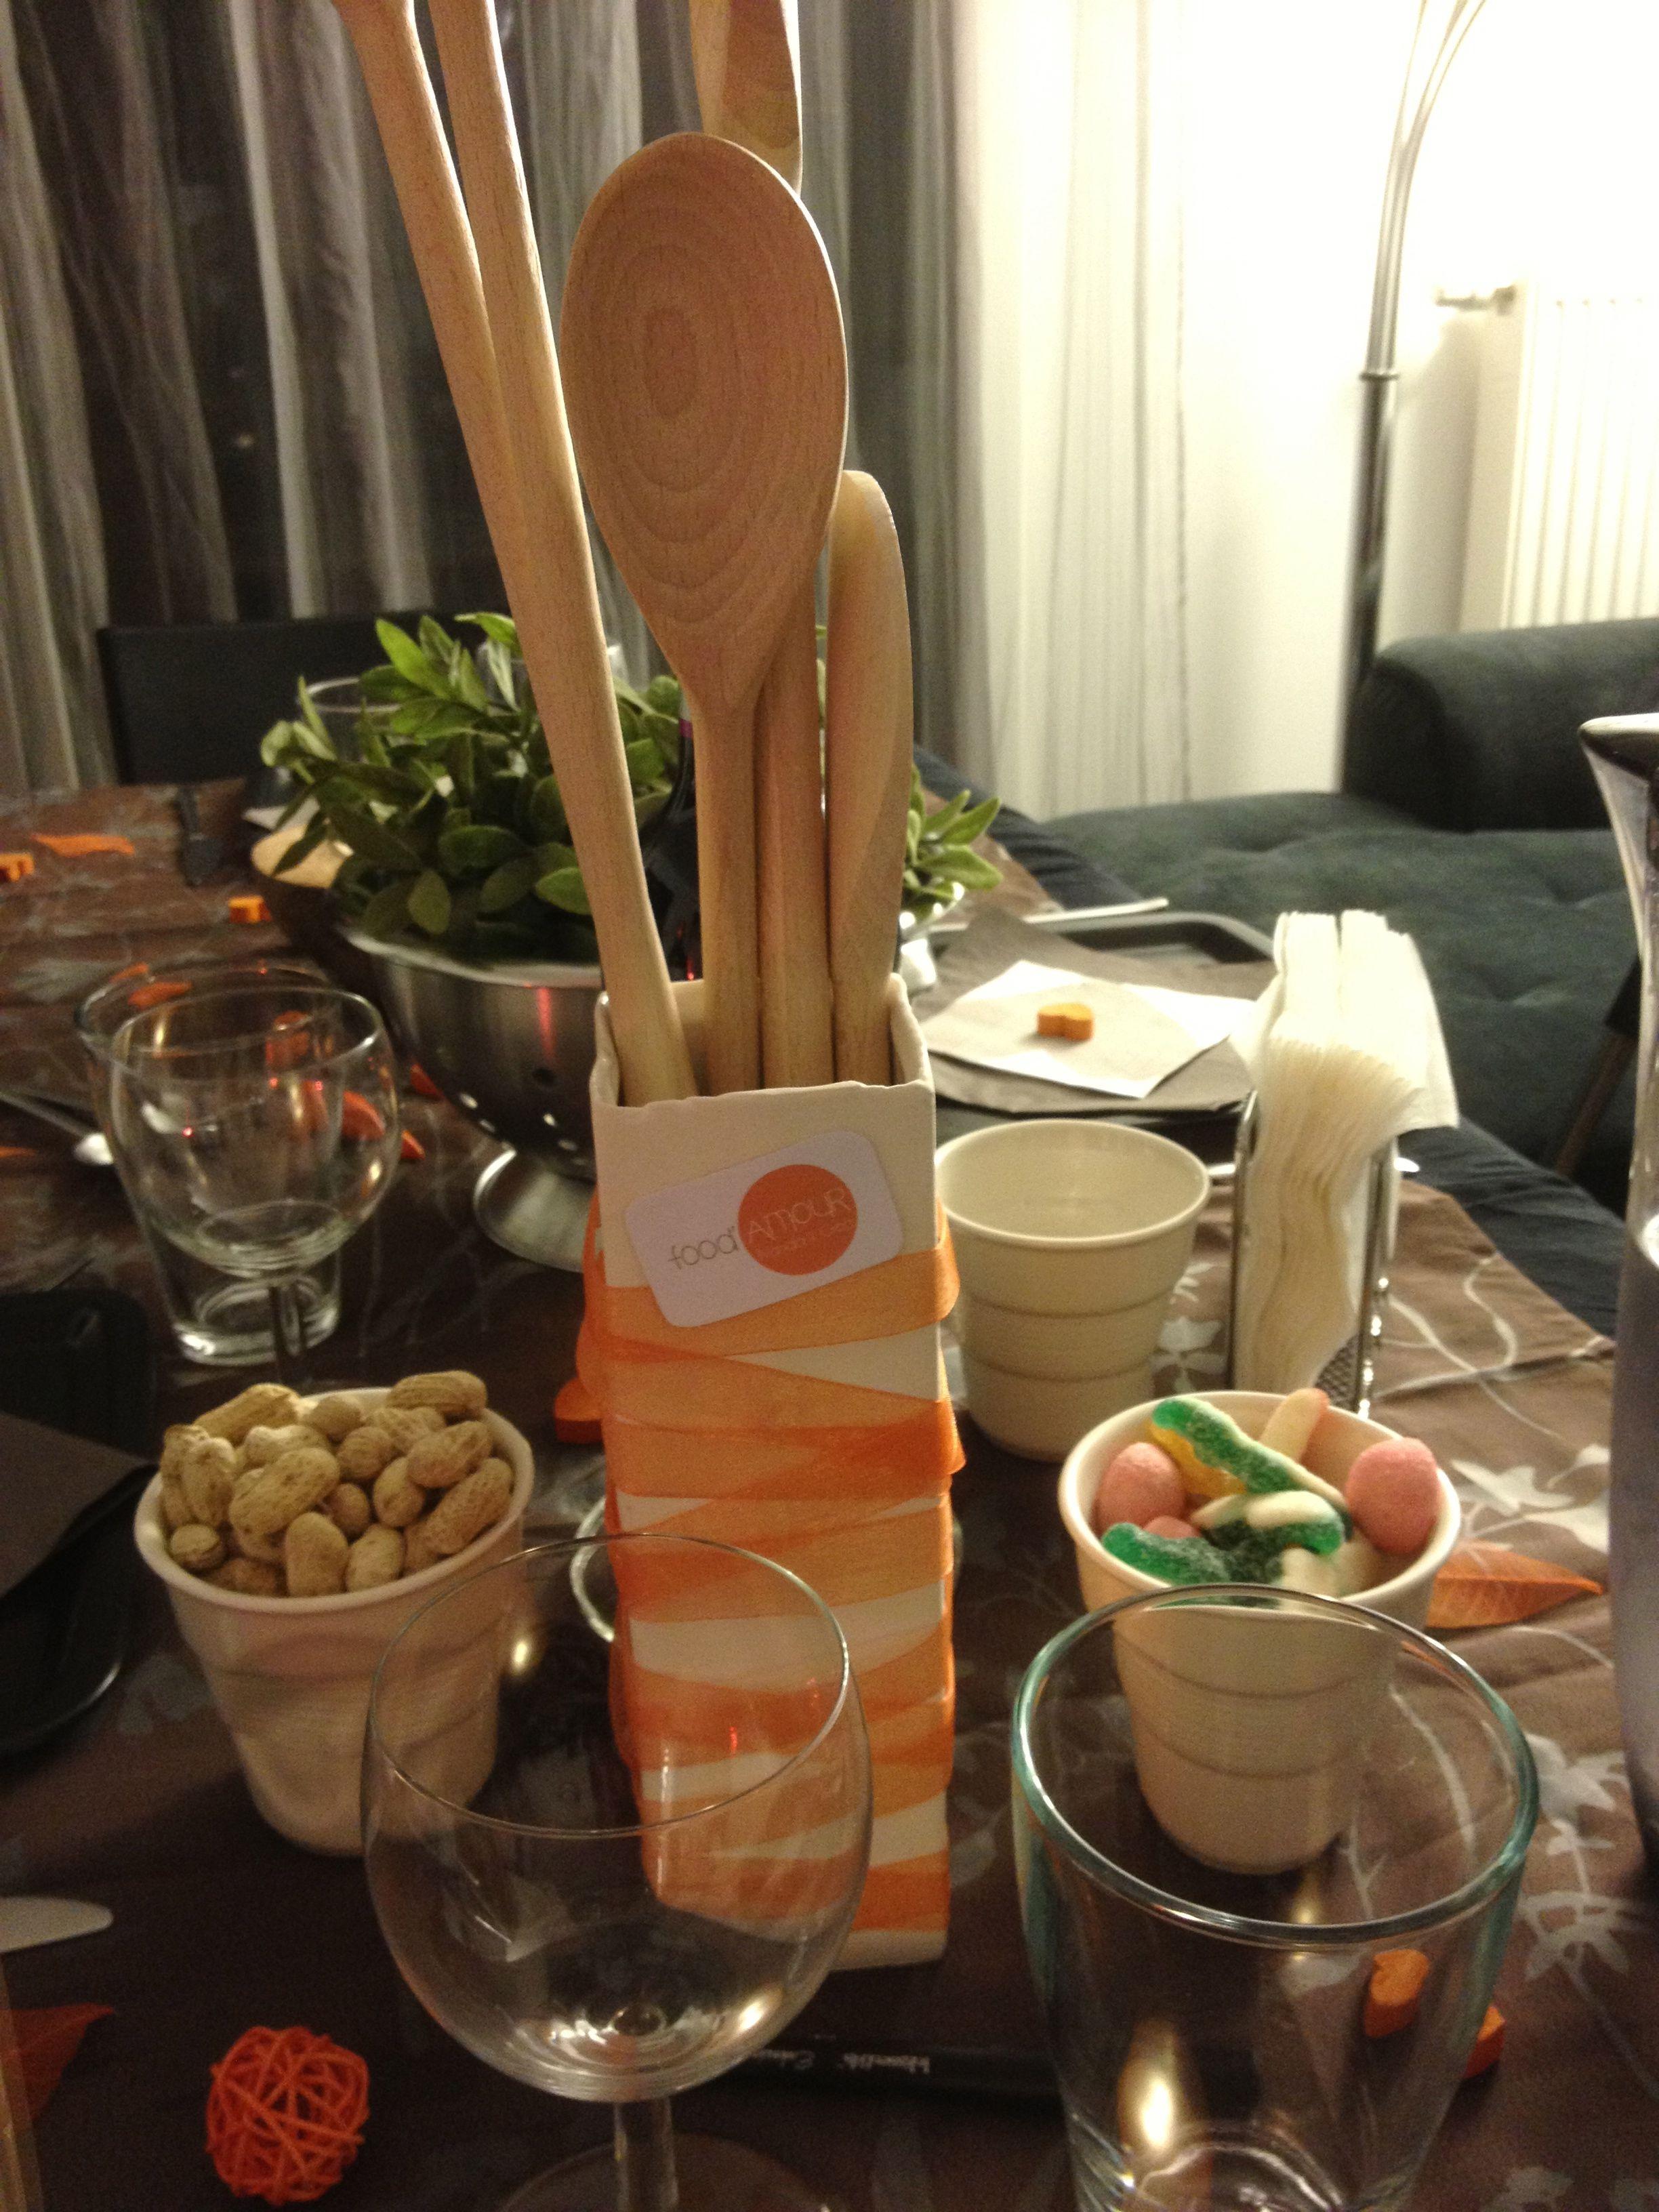 """Centre de table - vase décoré du logo """"food'amour"""" et de ruban orange. Les invités inscriront un petit message sur les cuillères en bois à l'aide d'un feutre indélébile."""